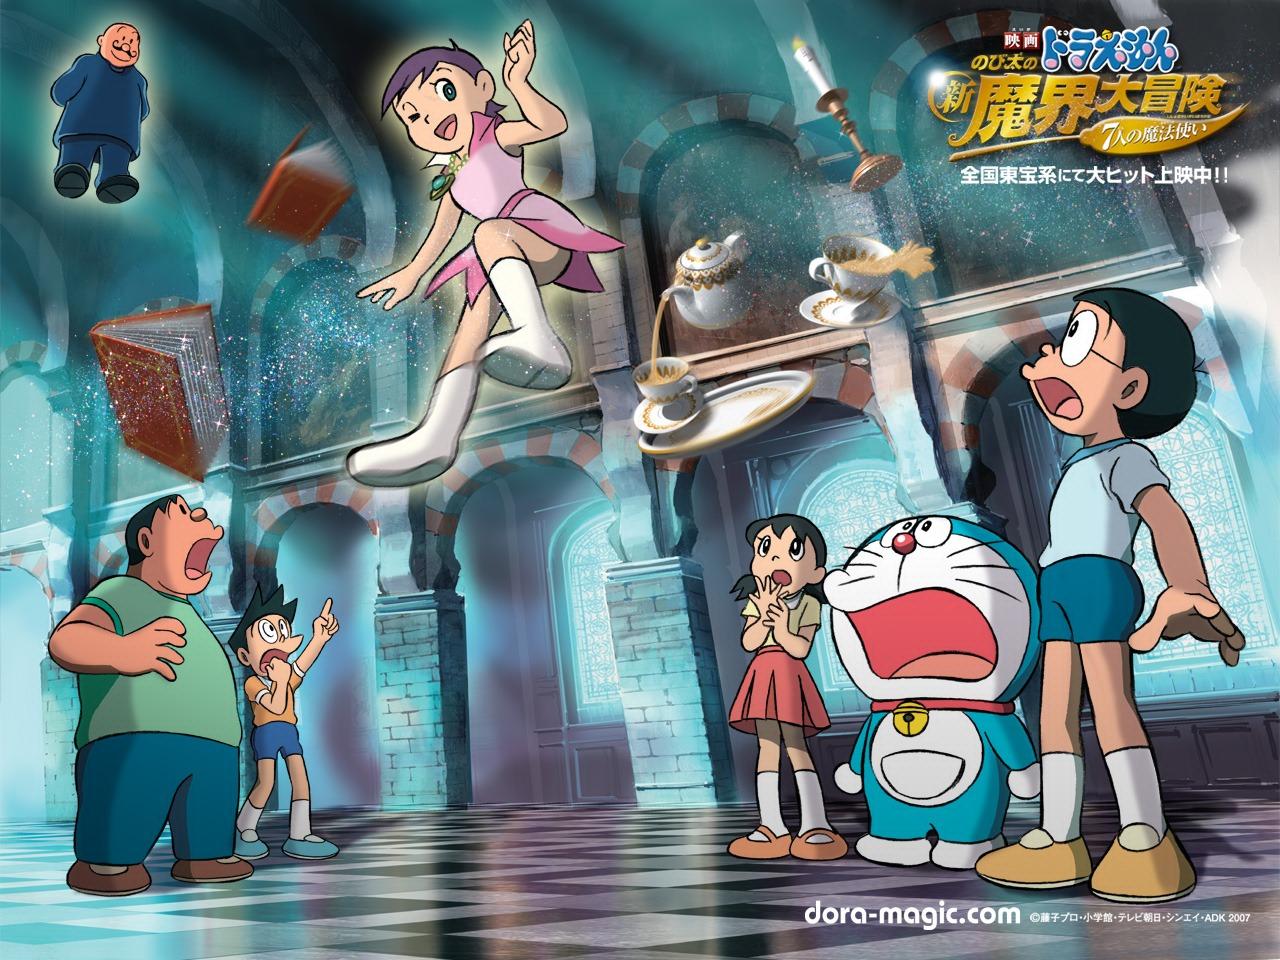 新魔界大冒险 哆啦A梦 2007剧场版壁纸 7图片